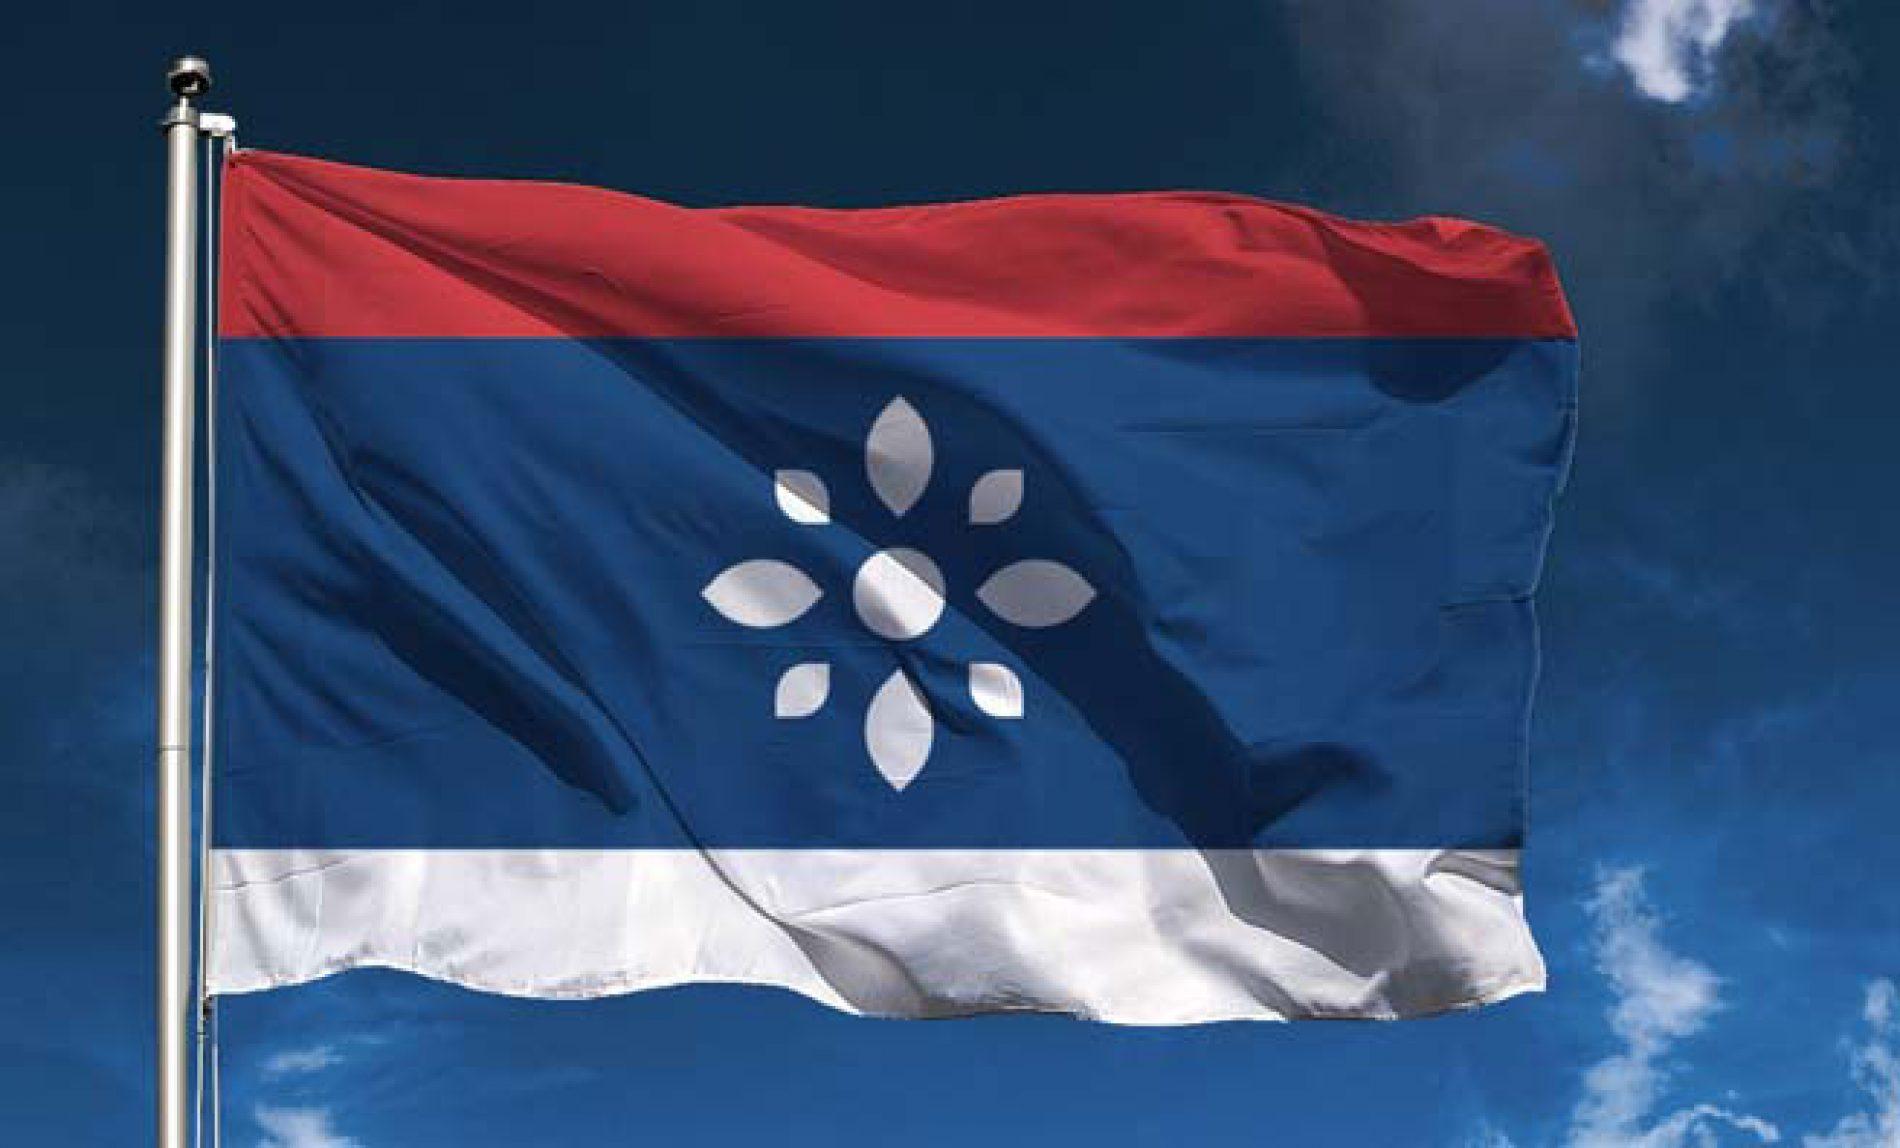 Ideja za izmjenu zastave i grba Srbije: Hoće li se komšije odreći tuđih simbola i dobiti normalna obilježja?